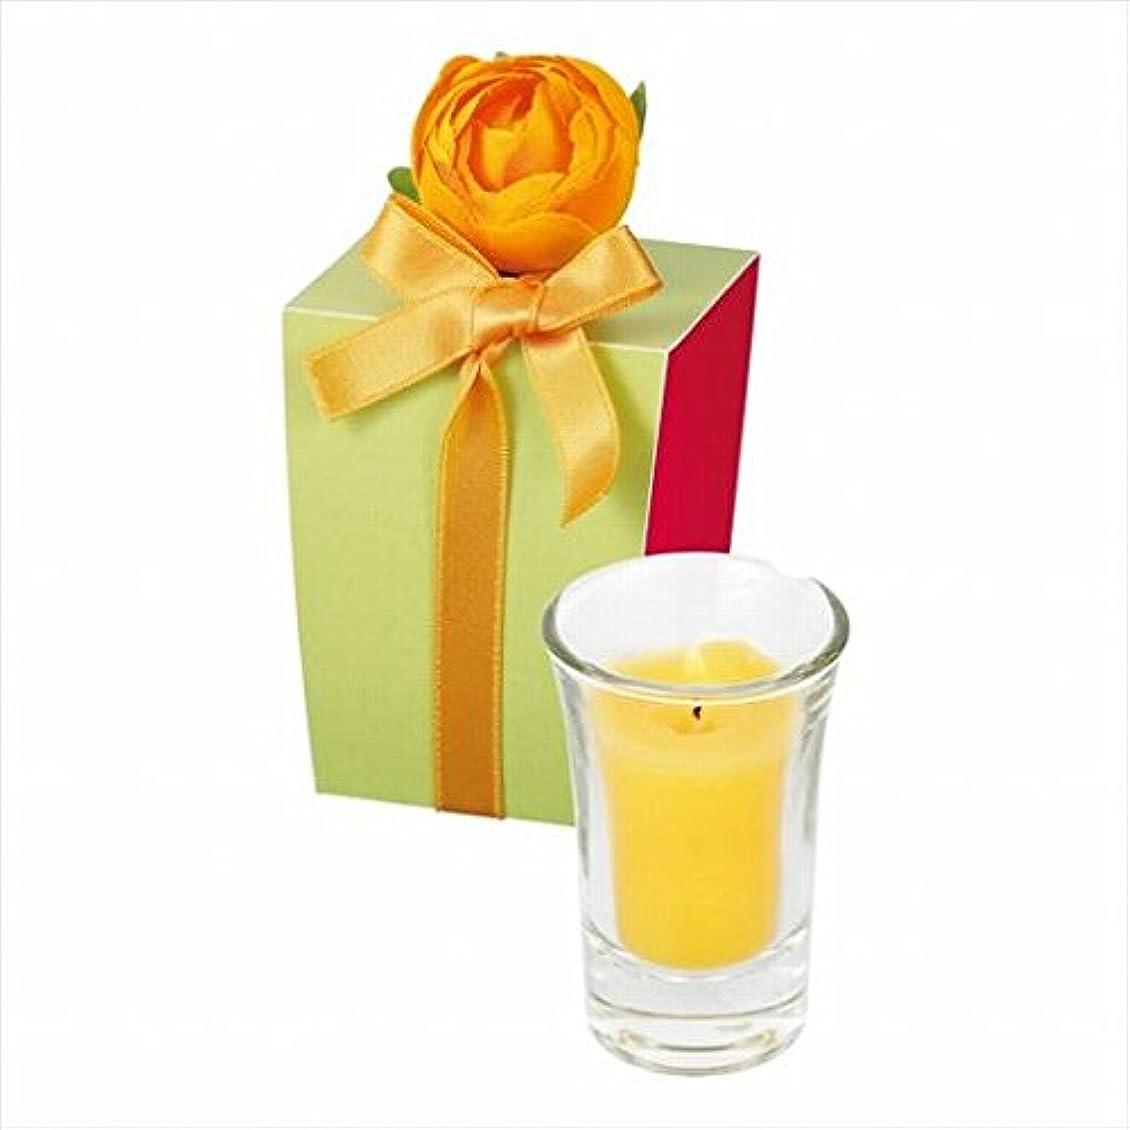 アルファベット順第人工的なカメヤマキャンドル(kameyama candle) ラナンキュラスグラスキャンドル 「 イエロー 」